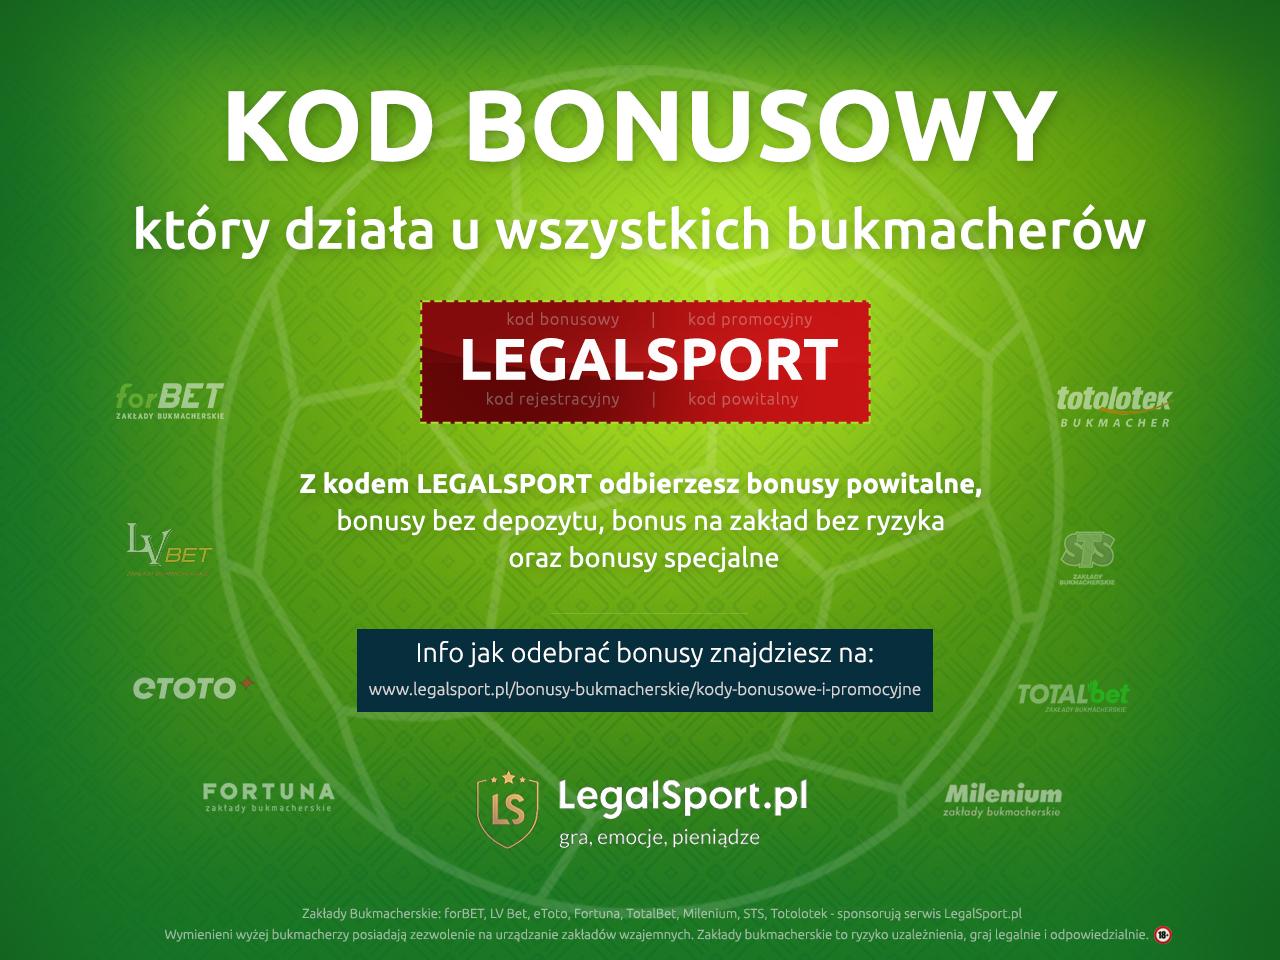 Kod bonusowy który działa u wszystkich legalnych bukmacherów w Polsce